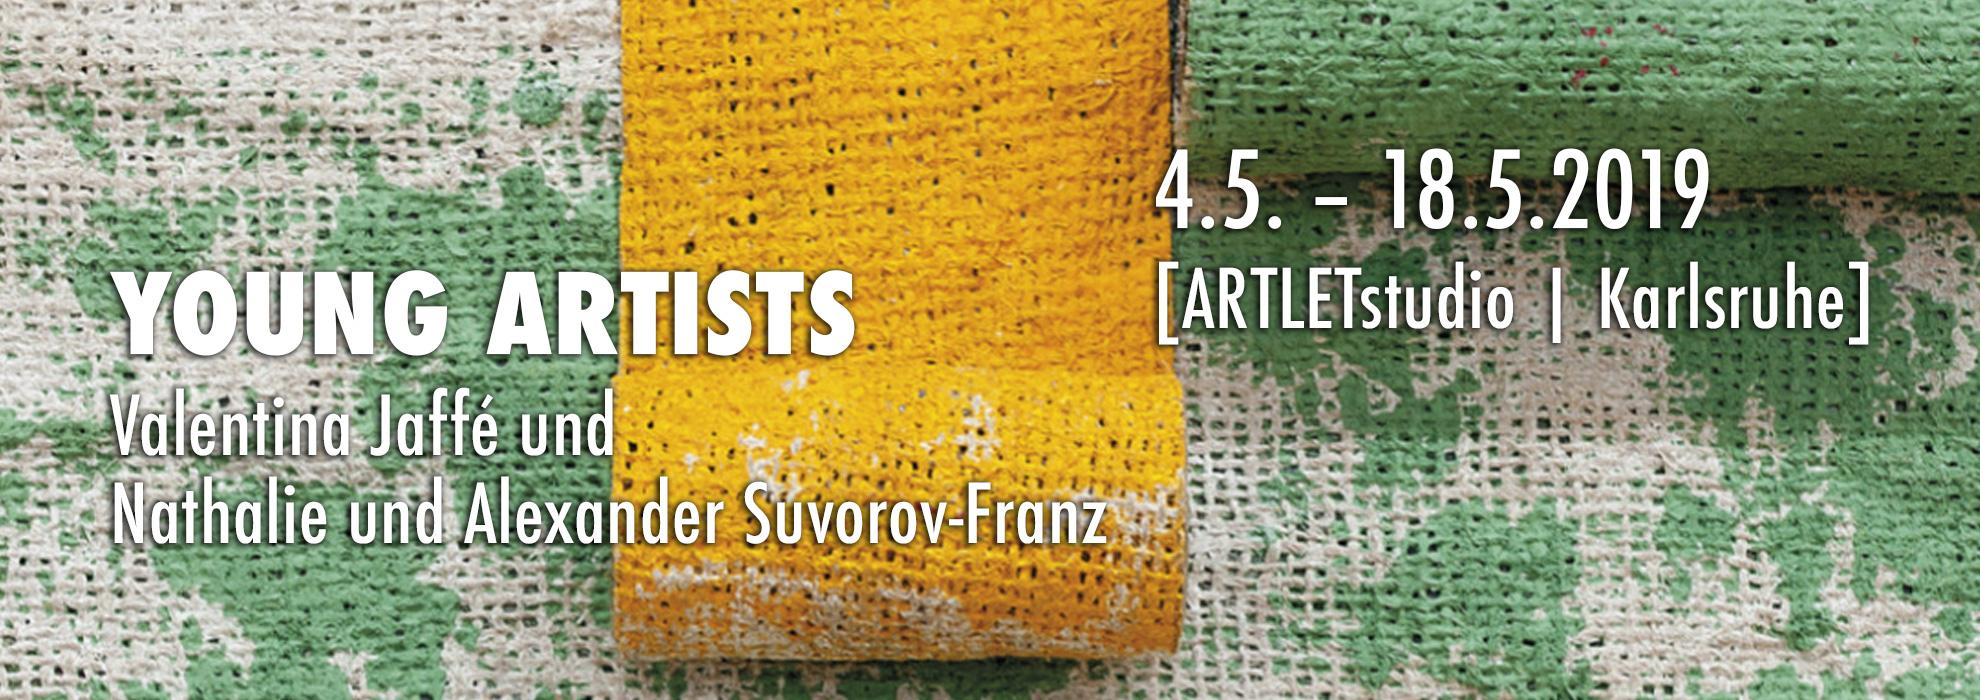 AusstellungSlider-YoungArtists-0519